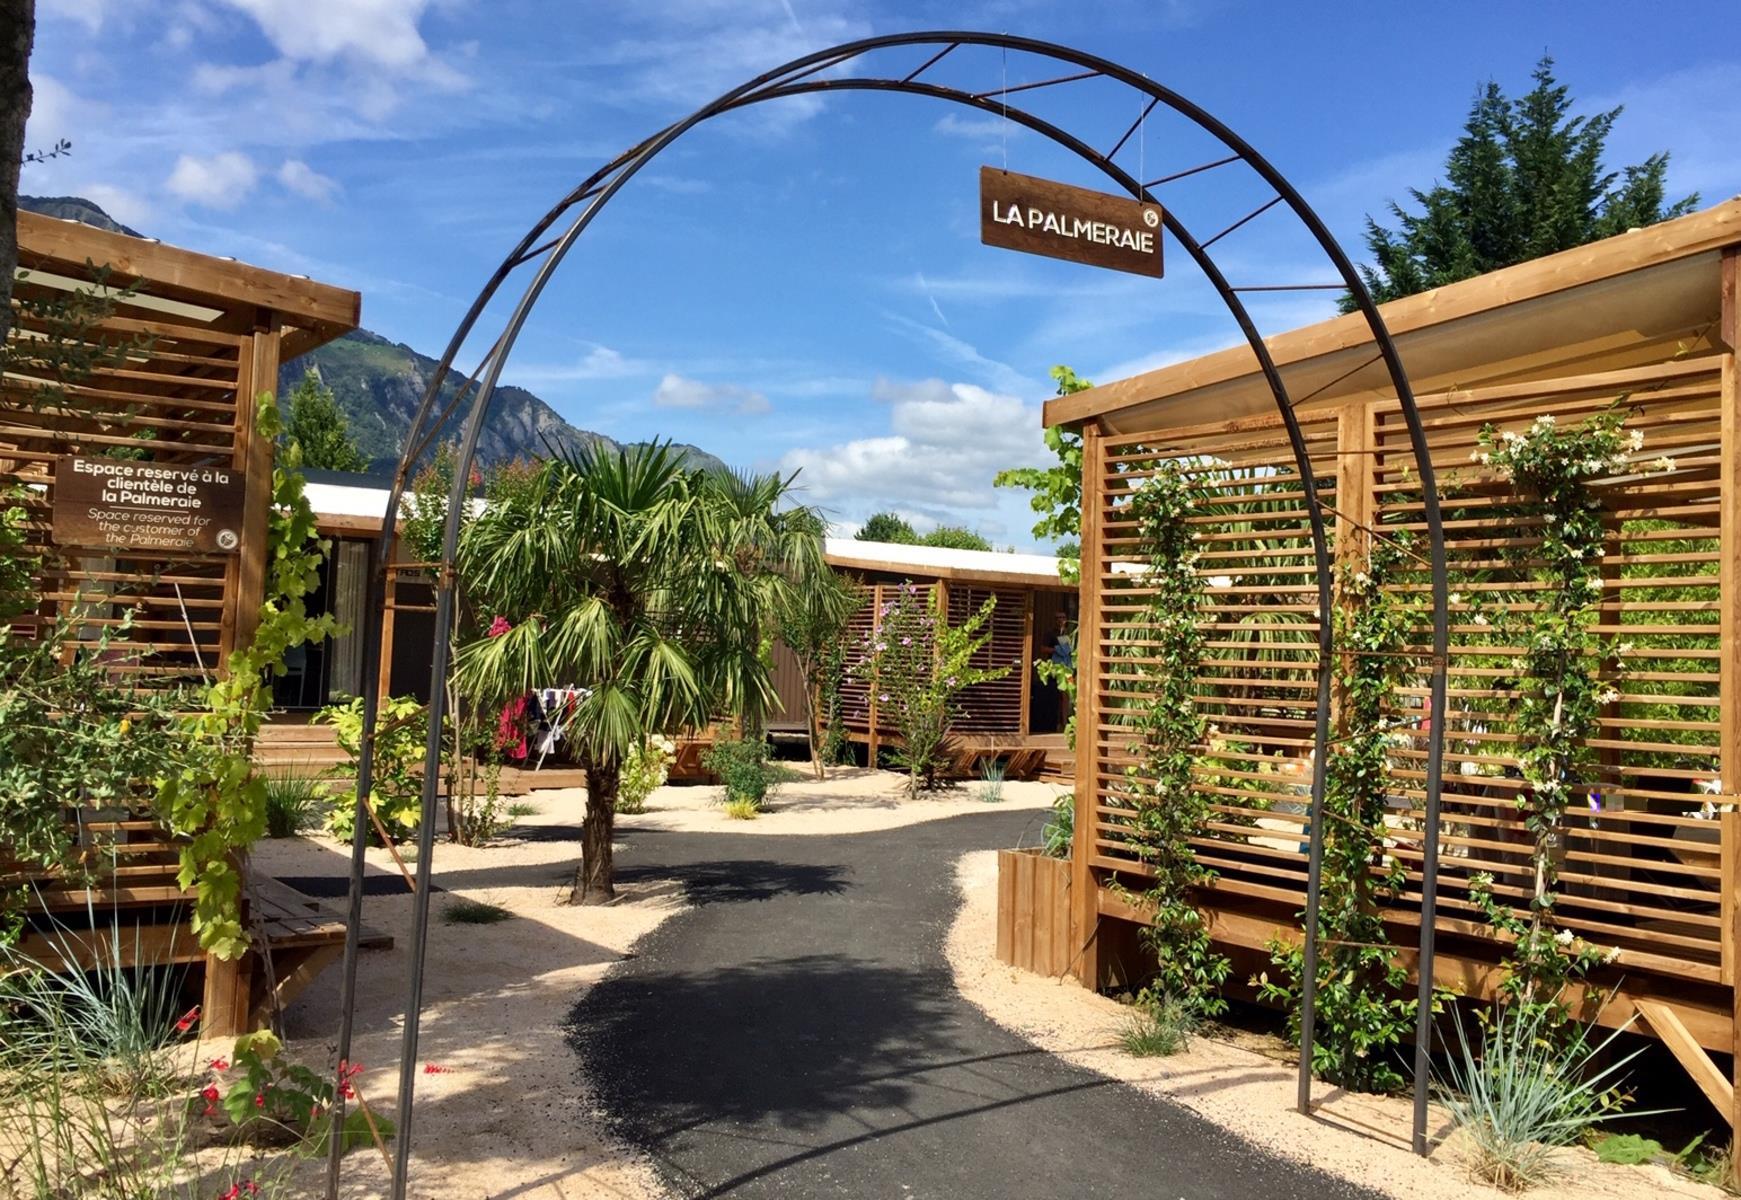 Location - Sunelia Prestige Palmeraie 35M² (2 Chambres + 2 Salles De Bain) - Sunêlia Camping Les 3 Vallées